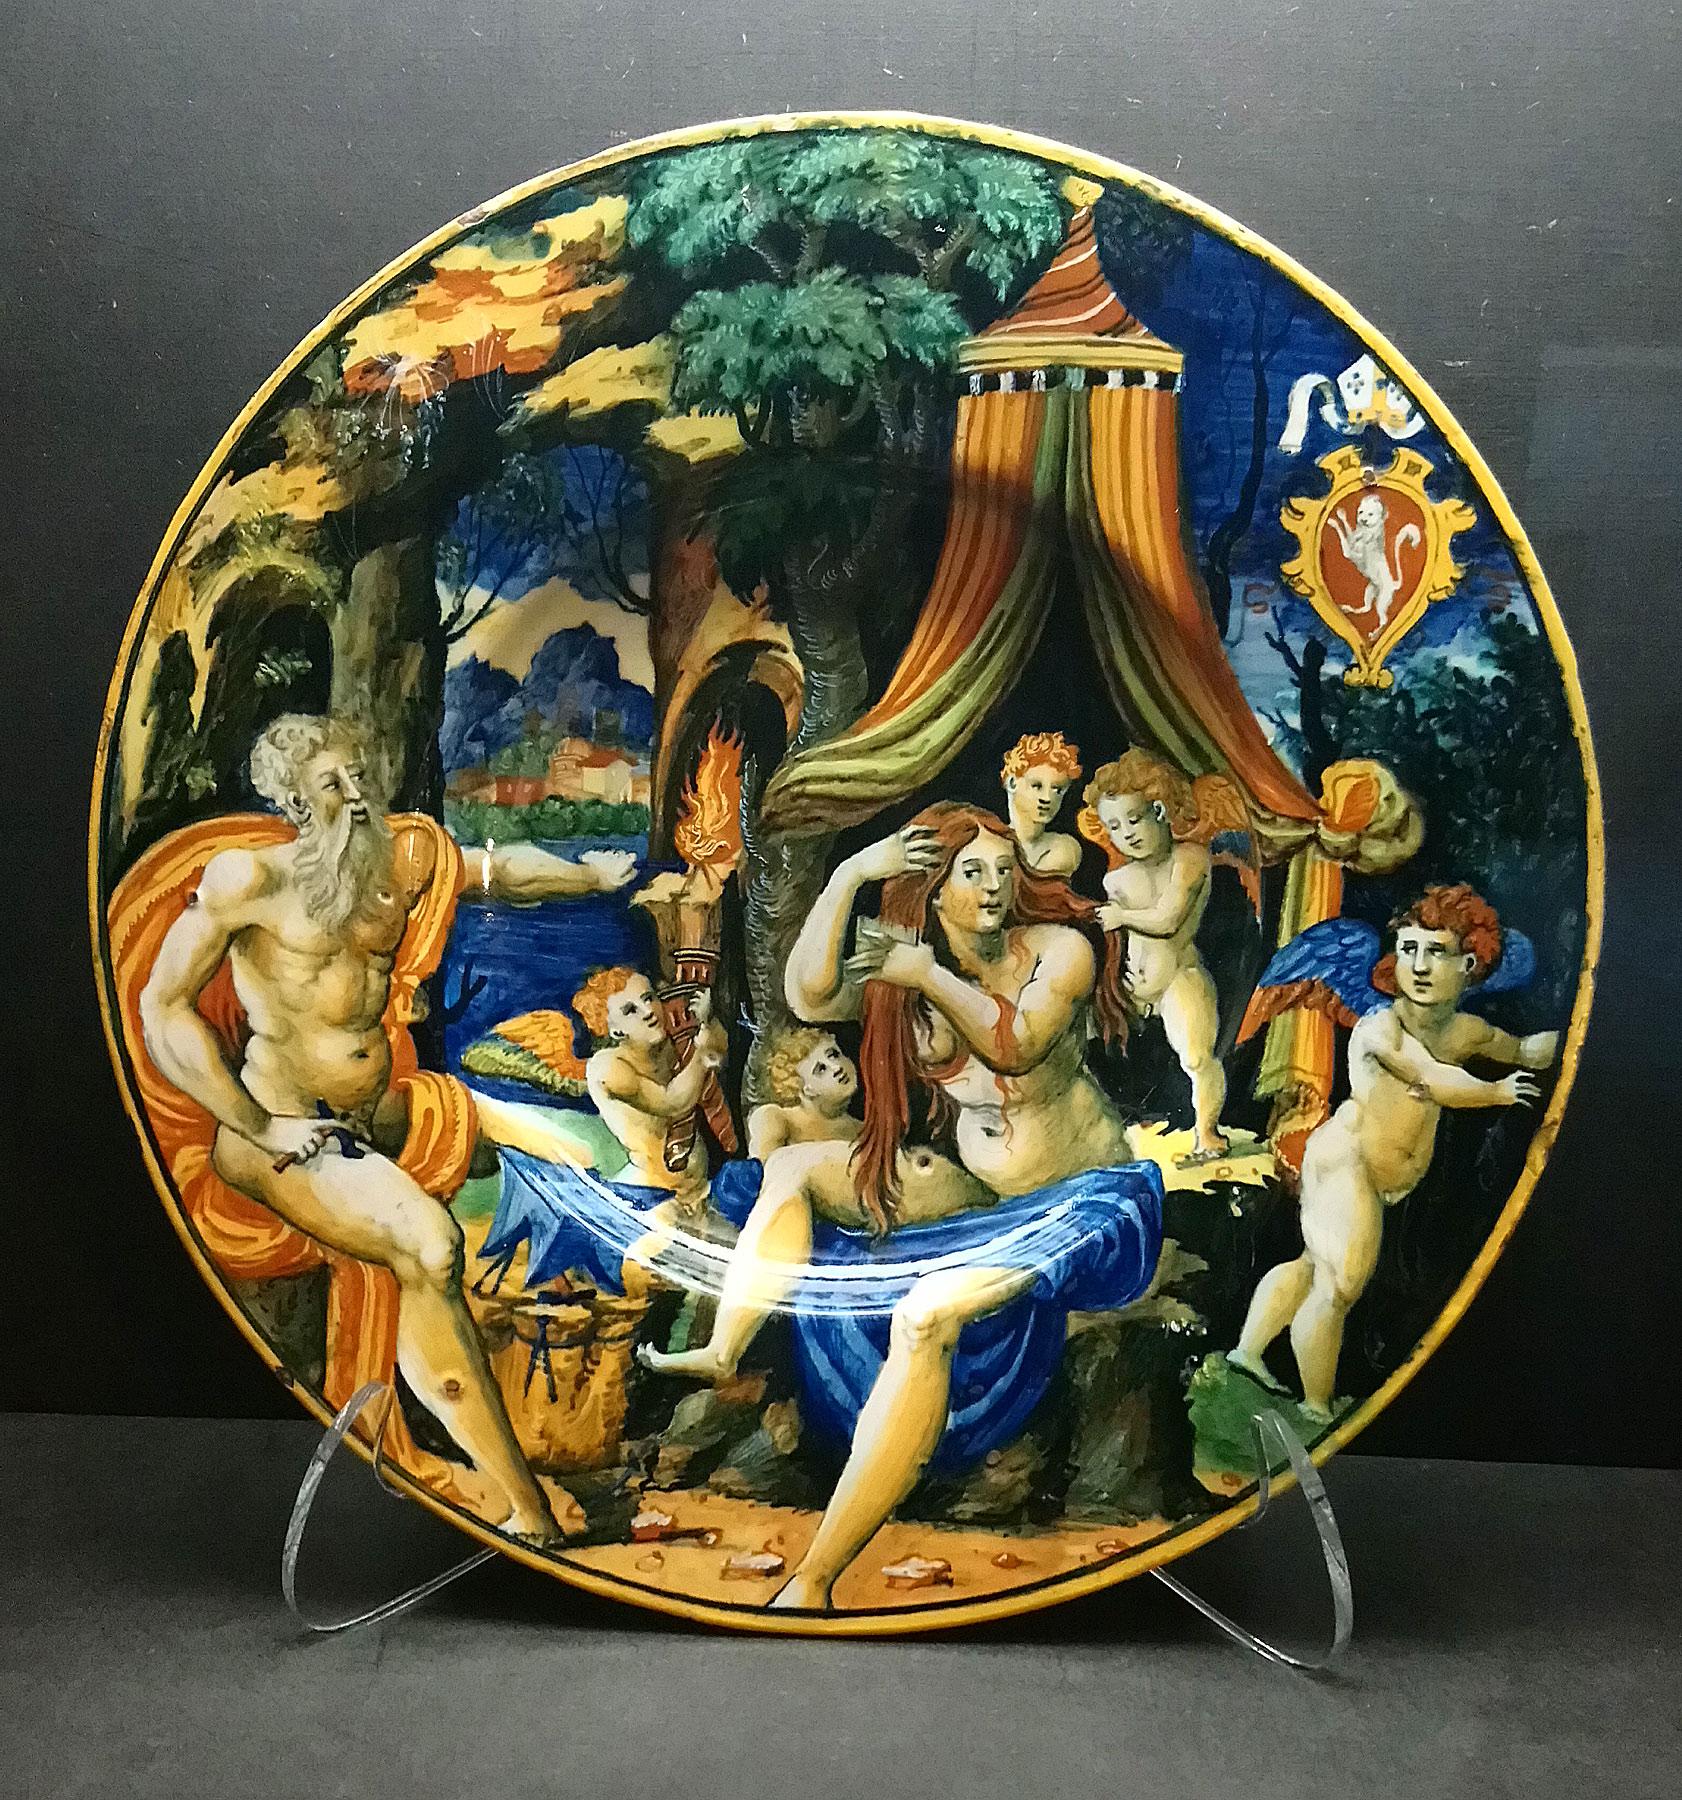 Attribuito alla bottega di Guido Durantino, Piatto con Vulcano, Venere e amorini con lo stemma del vescovo Giacomo Nordi (1535-1540 circa; maiolica, diametro 27,6 cm; Perugia, Fondazione Cassa di Risparmio di Perugia)